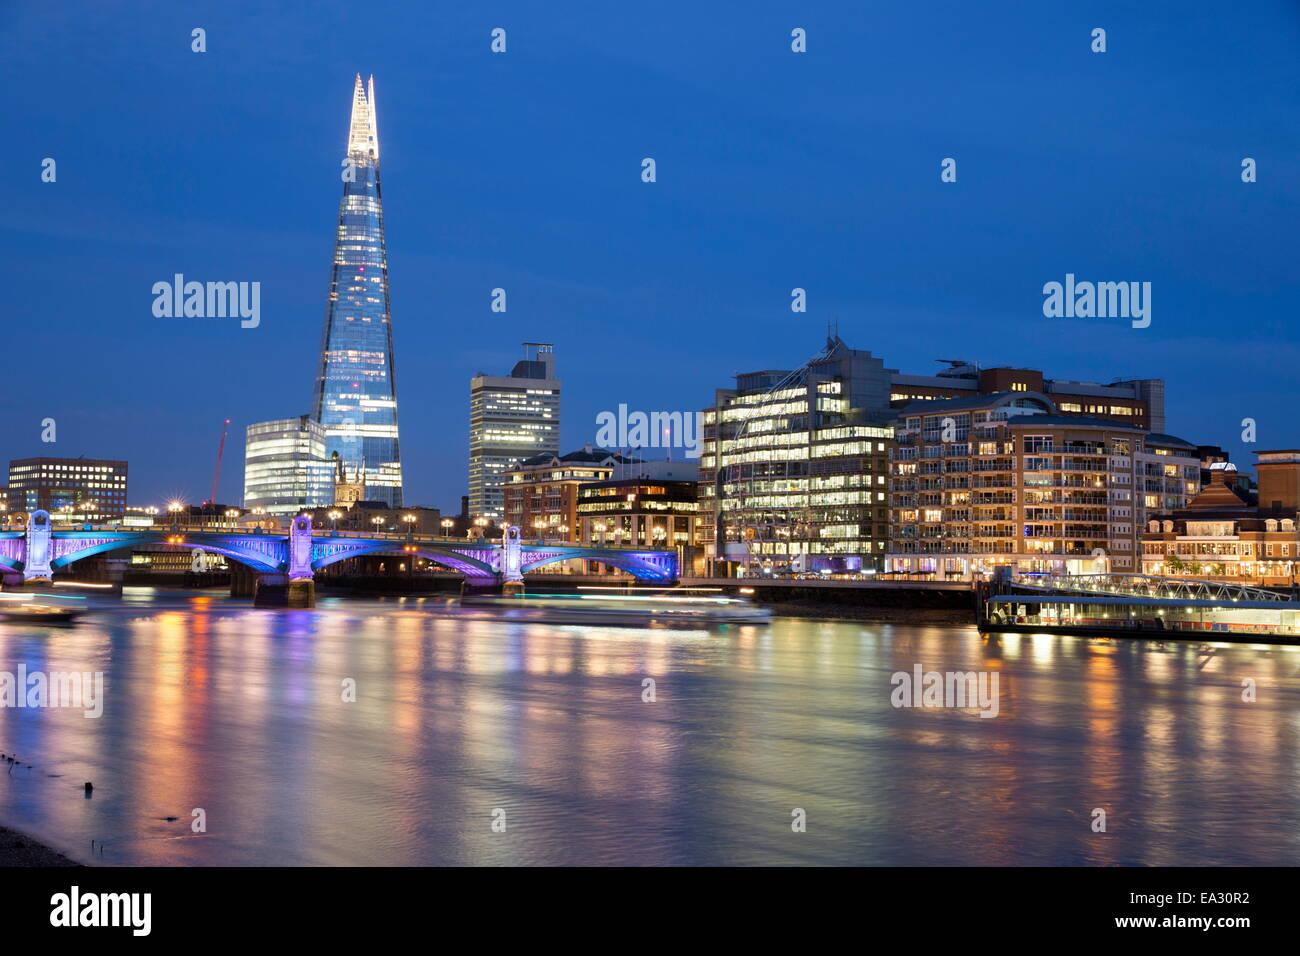 Vista sobre el río Támesis con el Shard, Londres, Inglaterra, Reino Unido, Europa Imagen De Stock